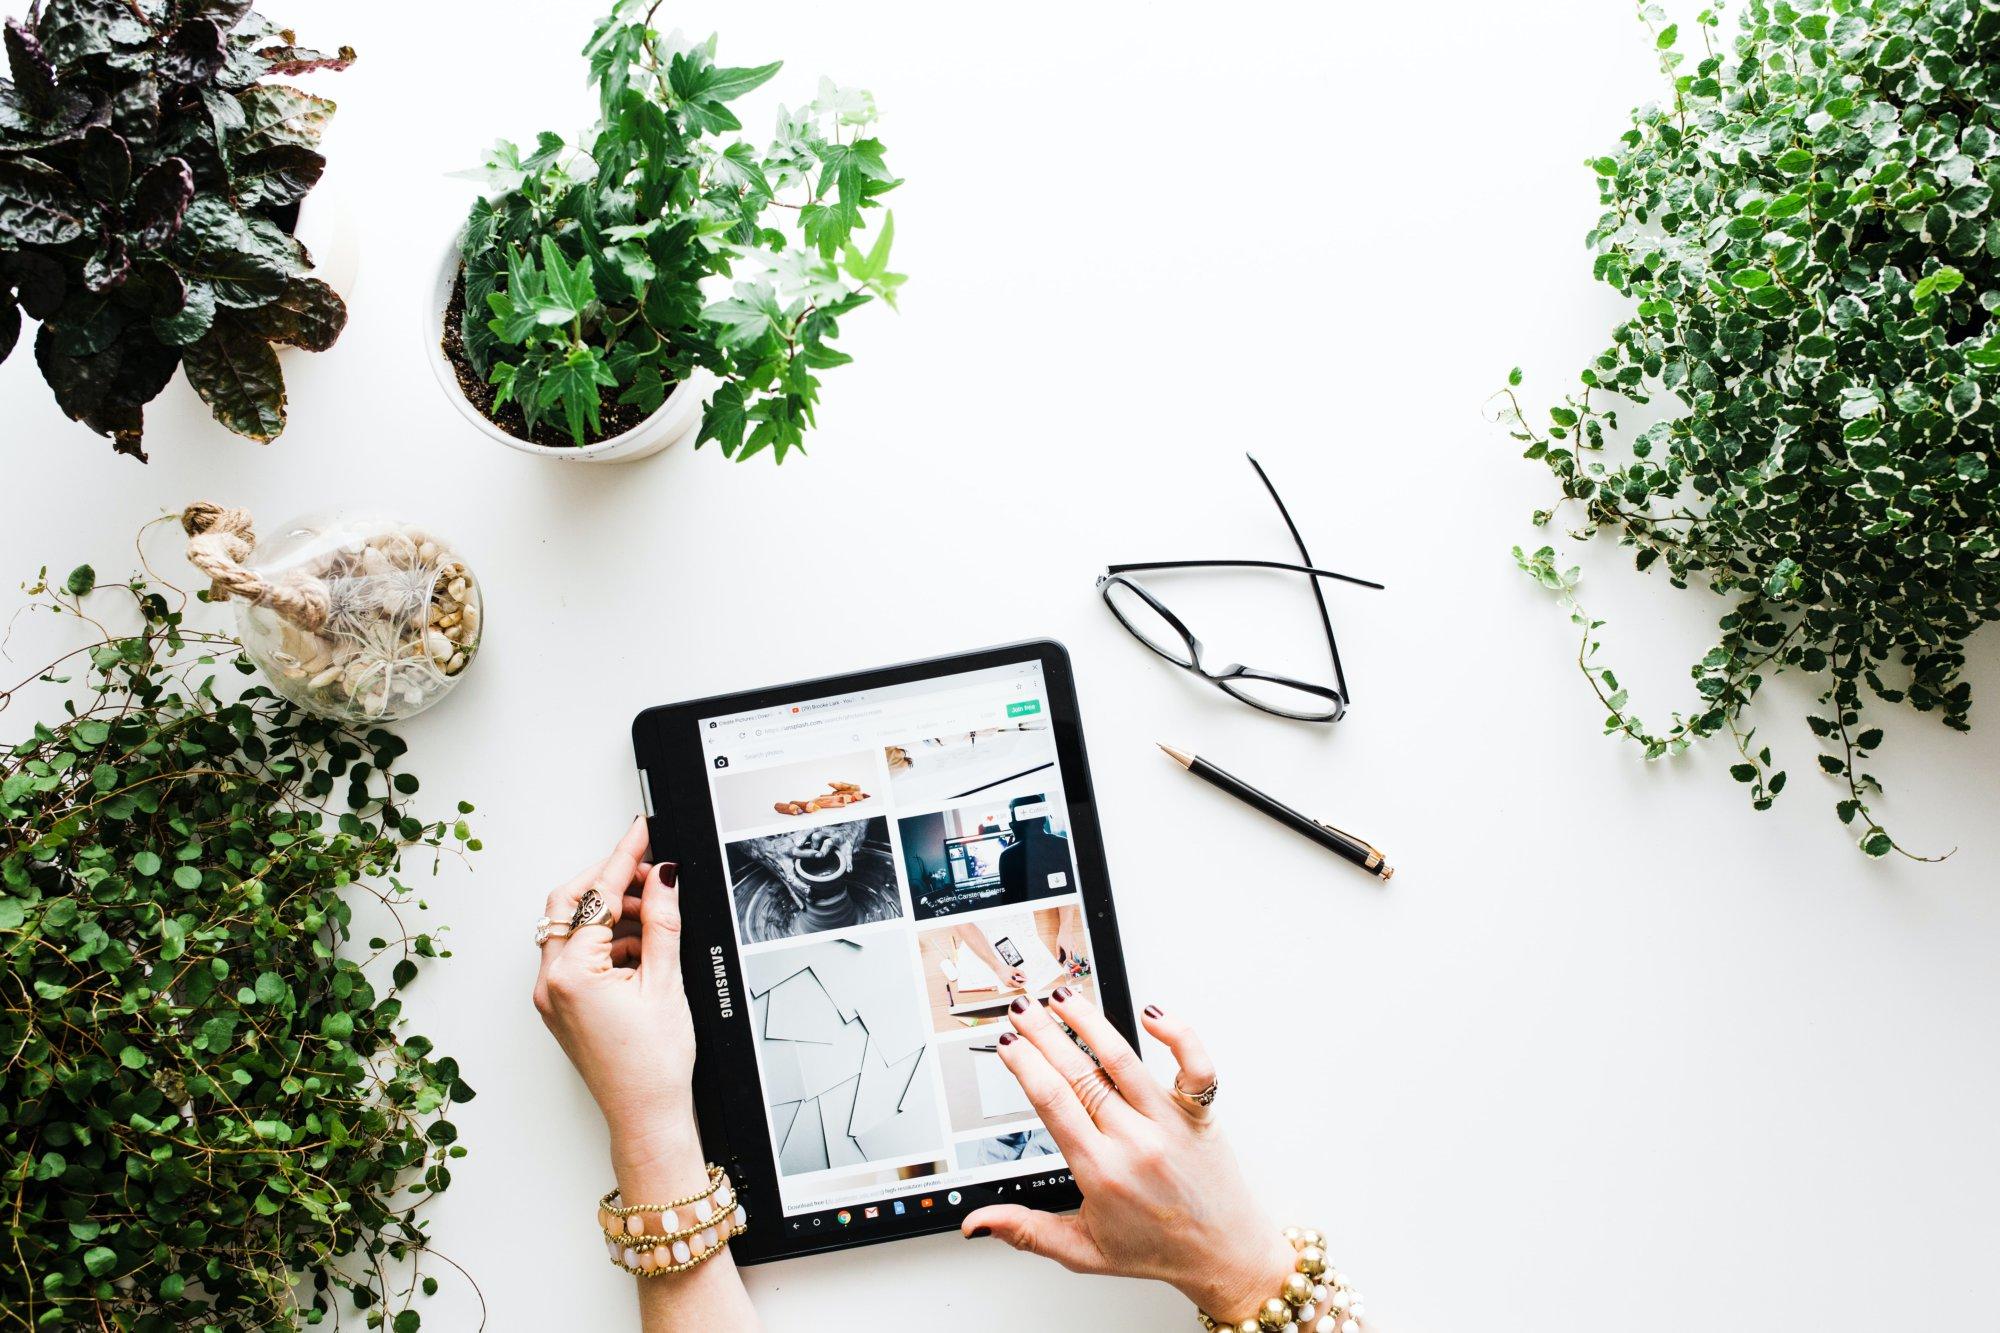 Dicas práticas de marketing digital para e-commerce